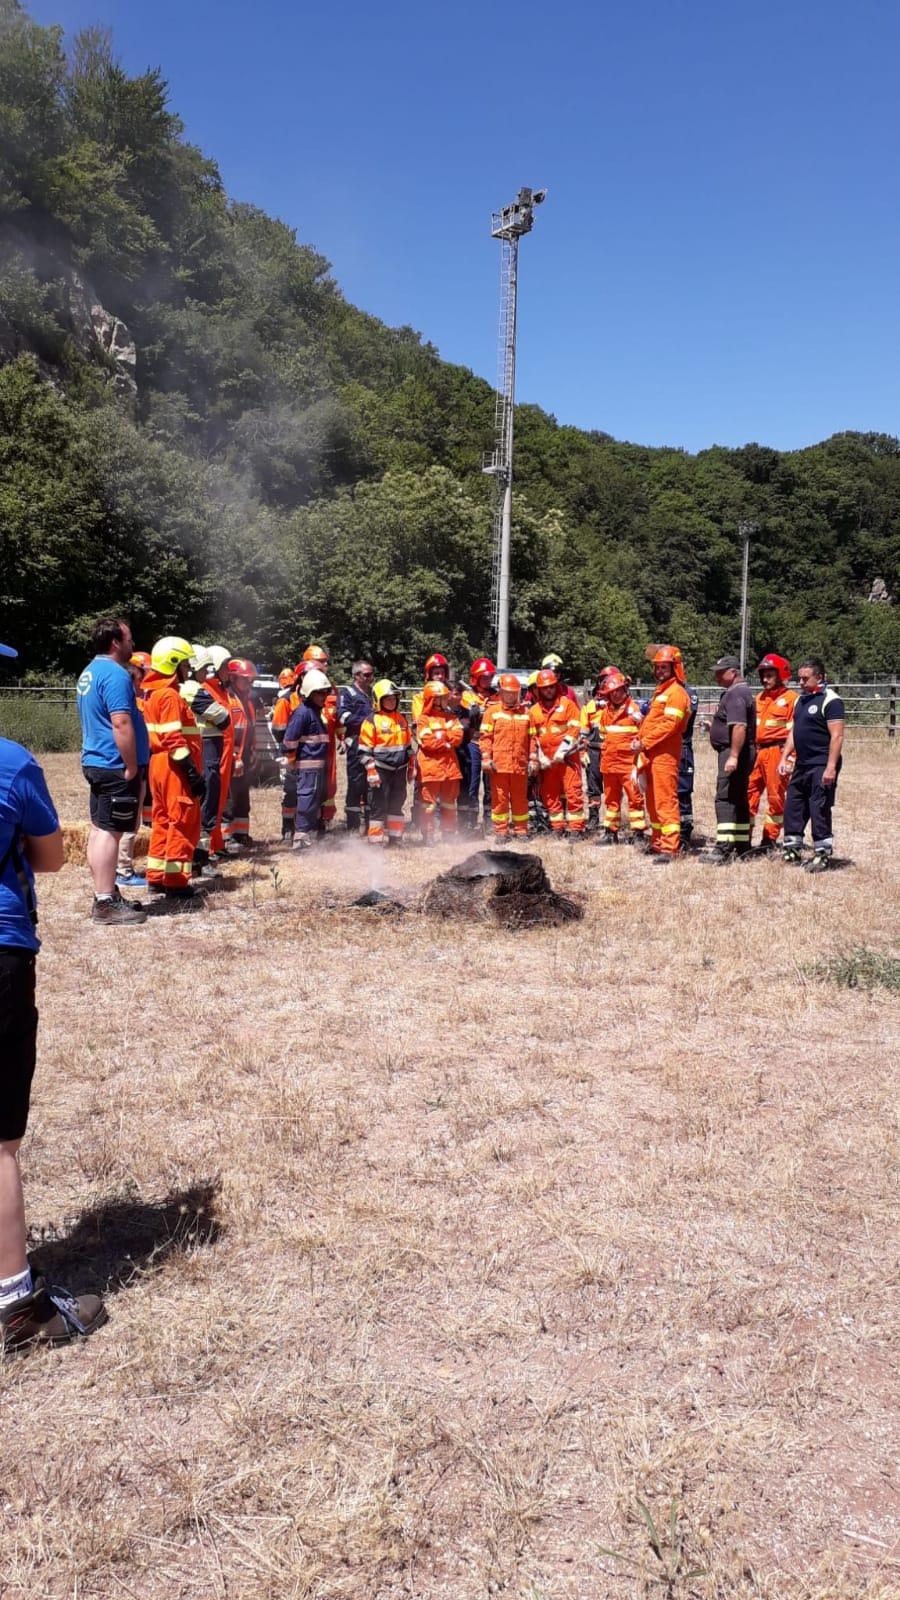 Grande partecipazione al corso Prociv antincendio organizzato alla Bianca